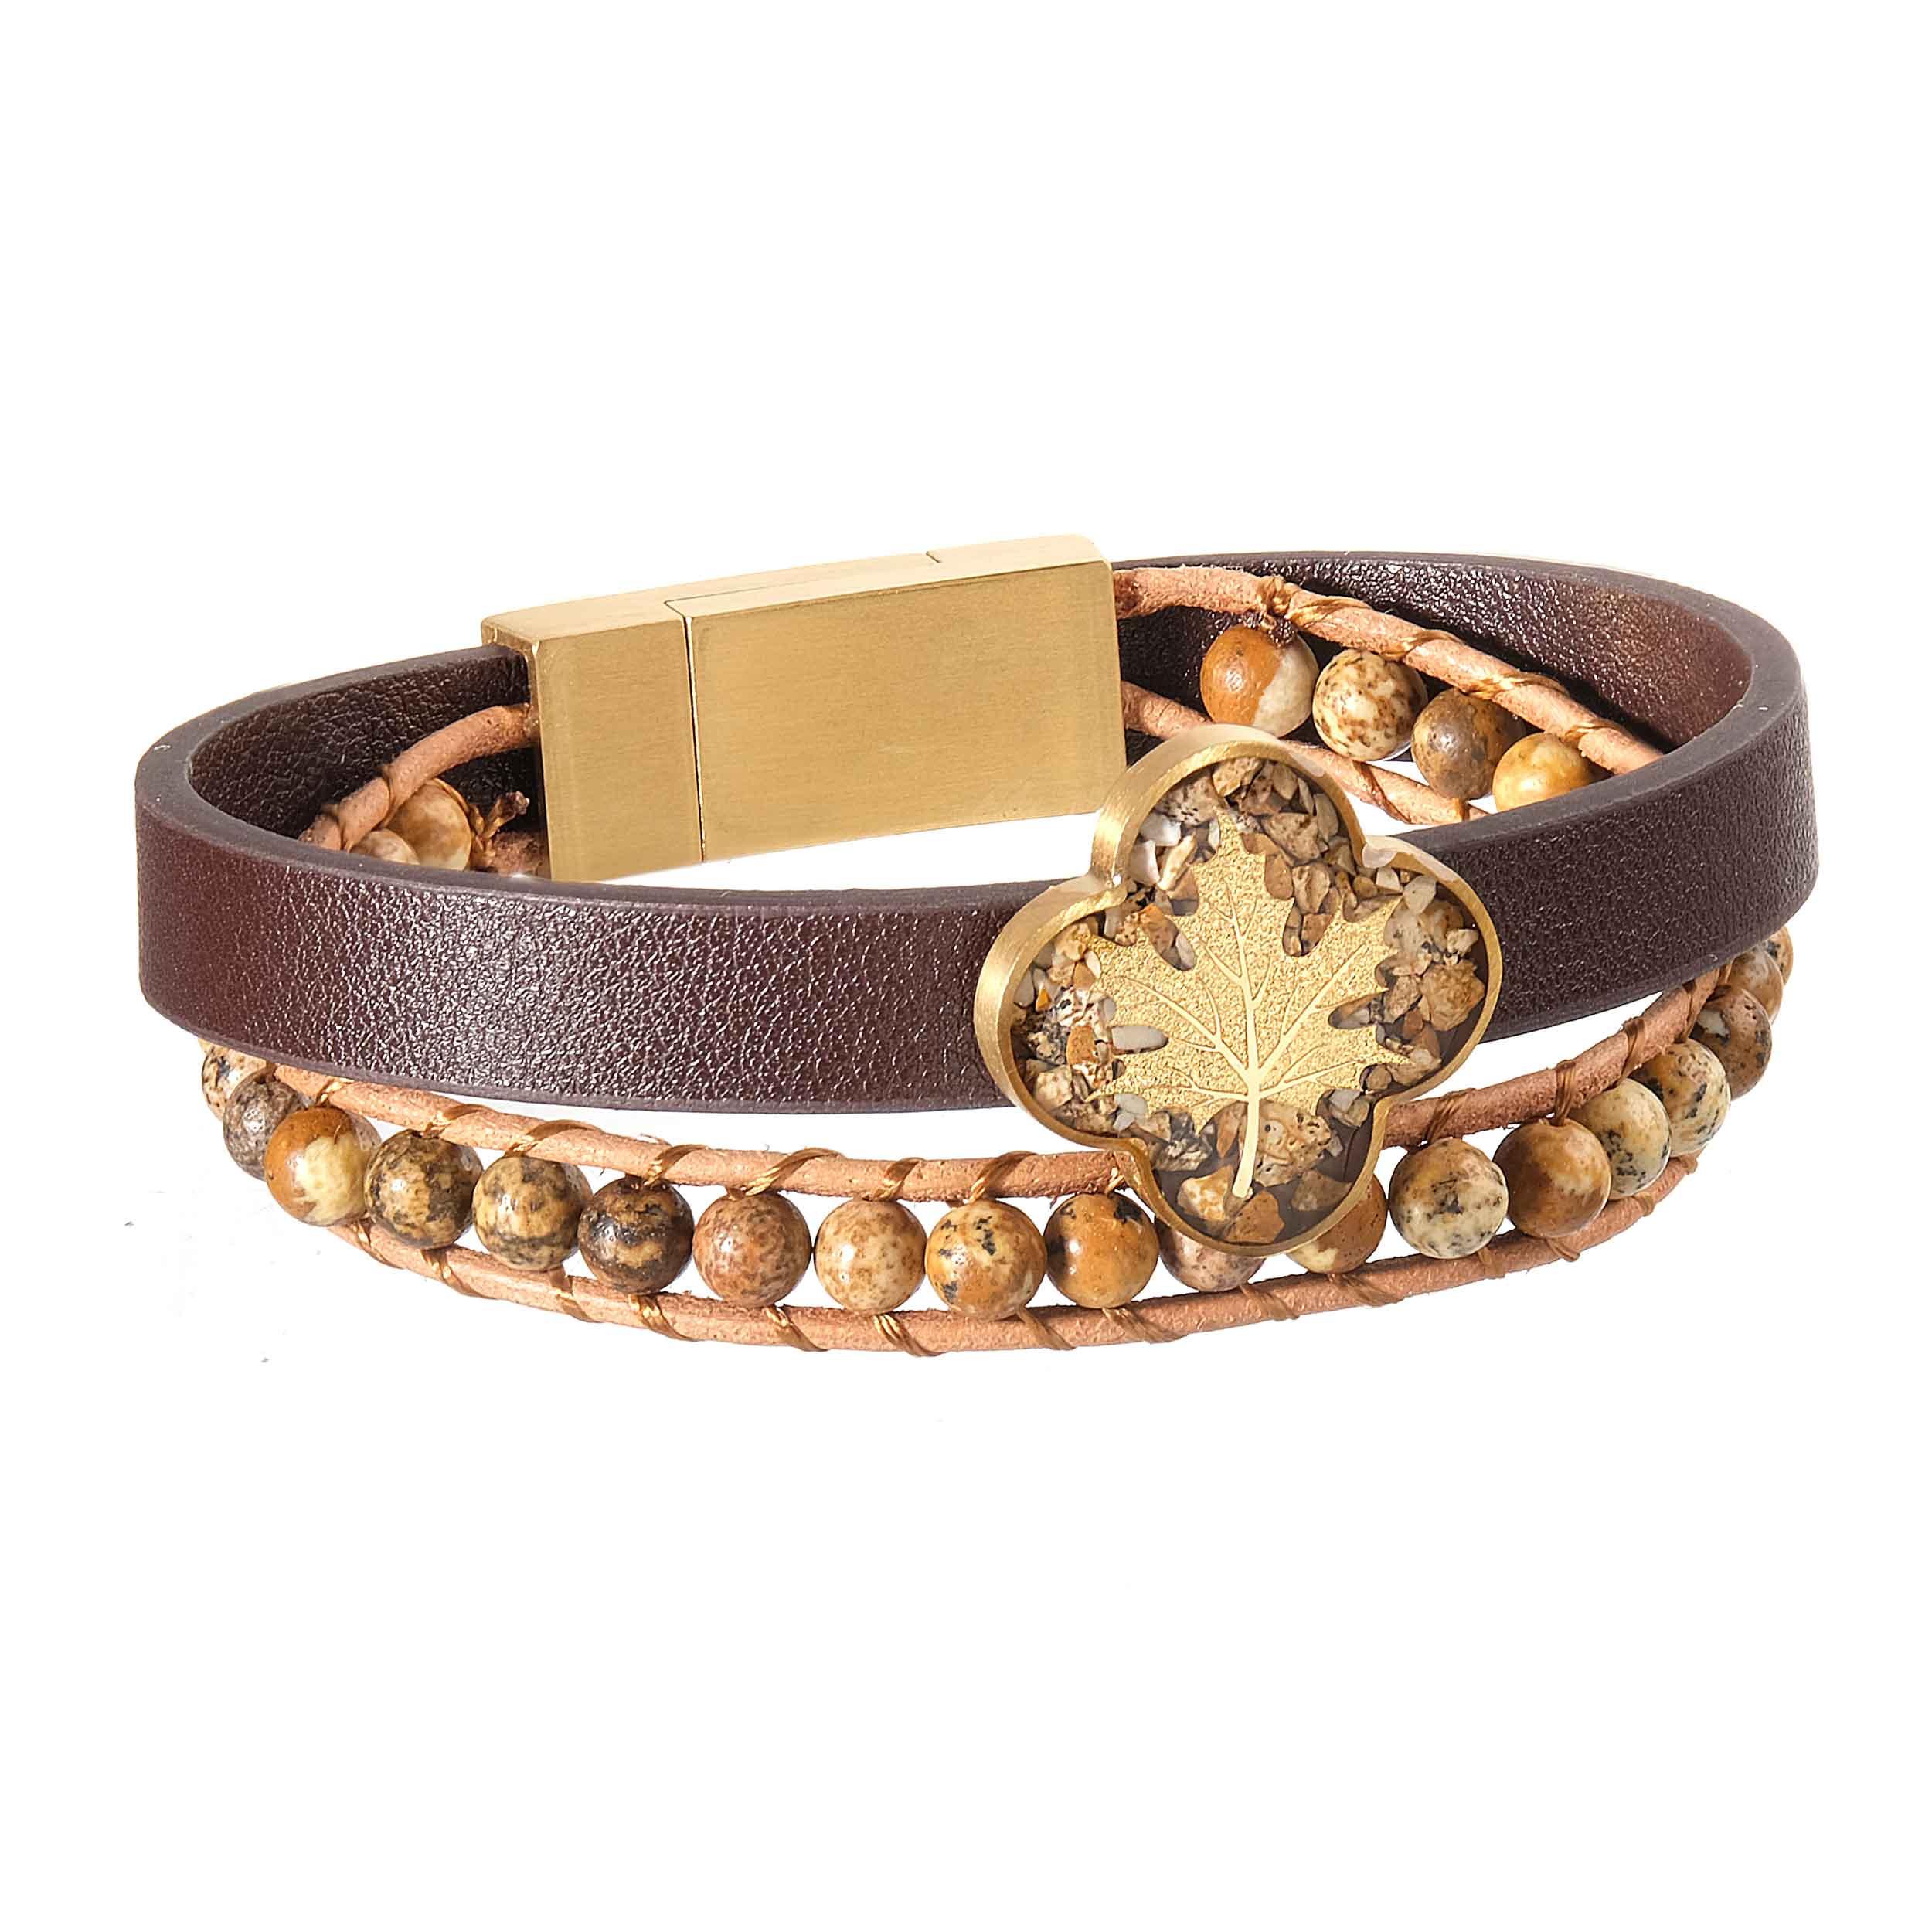 دستبند زنانه دانژه مدل پاییز کد ZCNVD072019